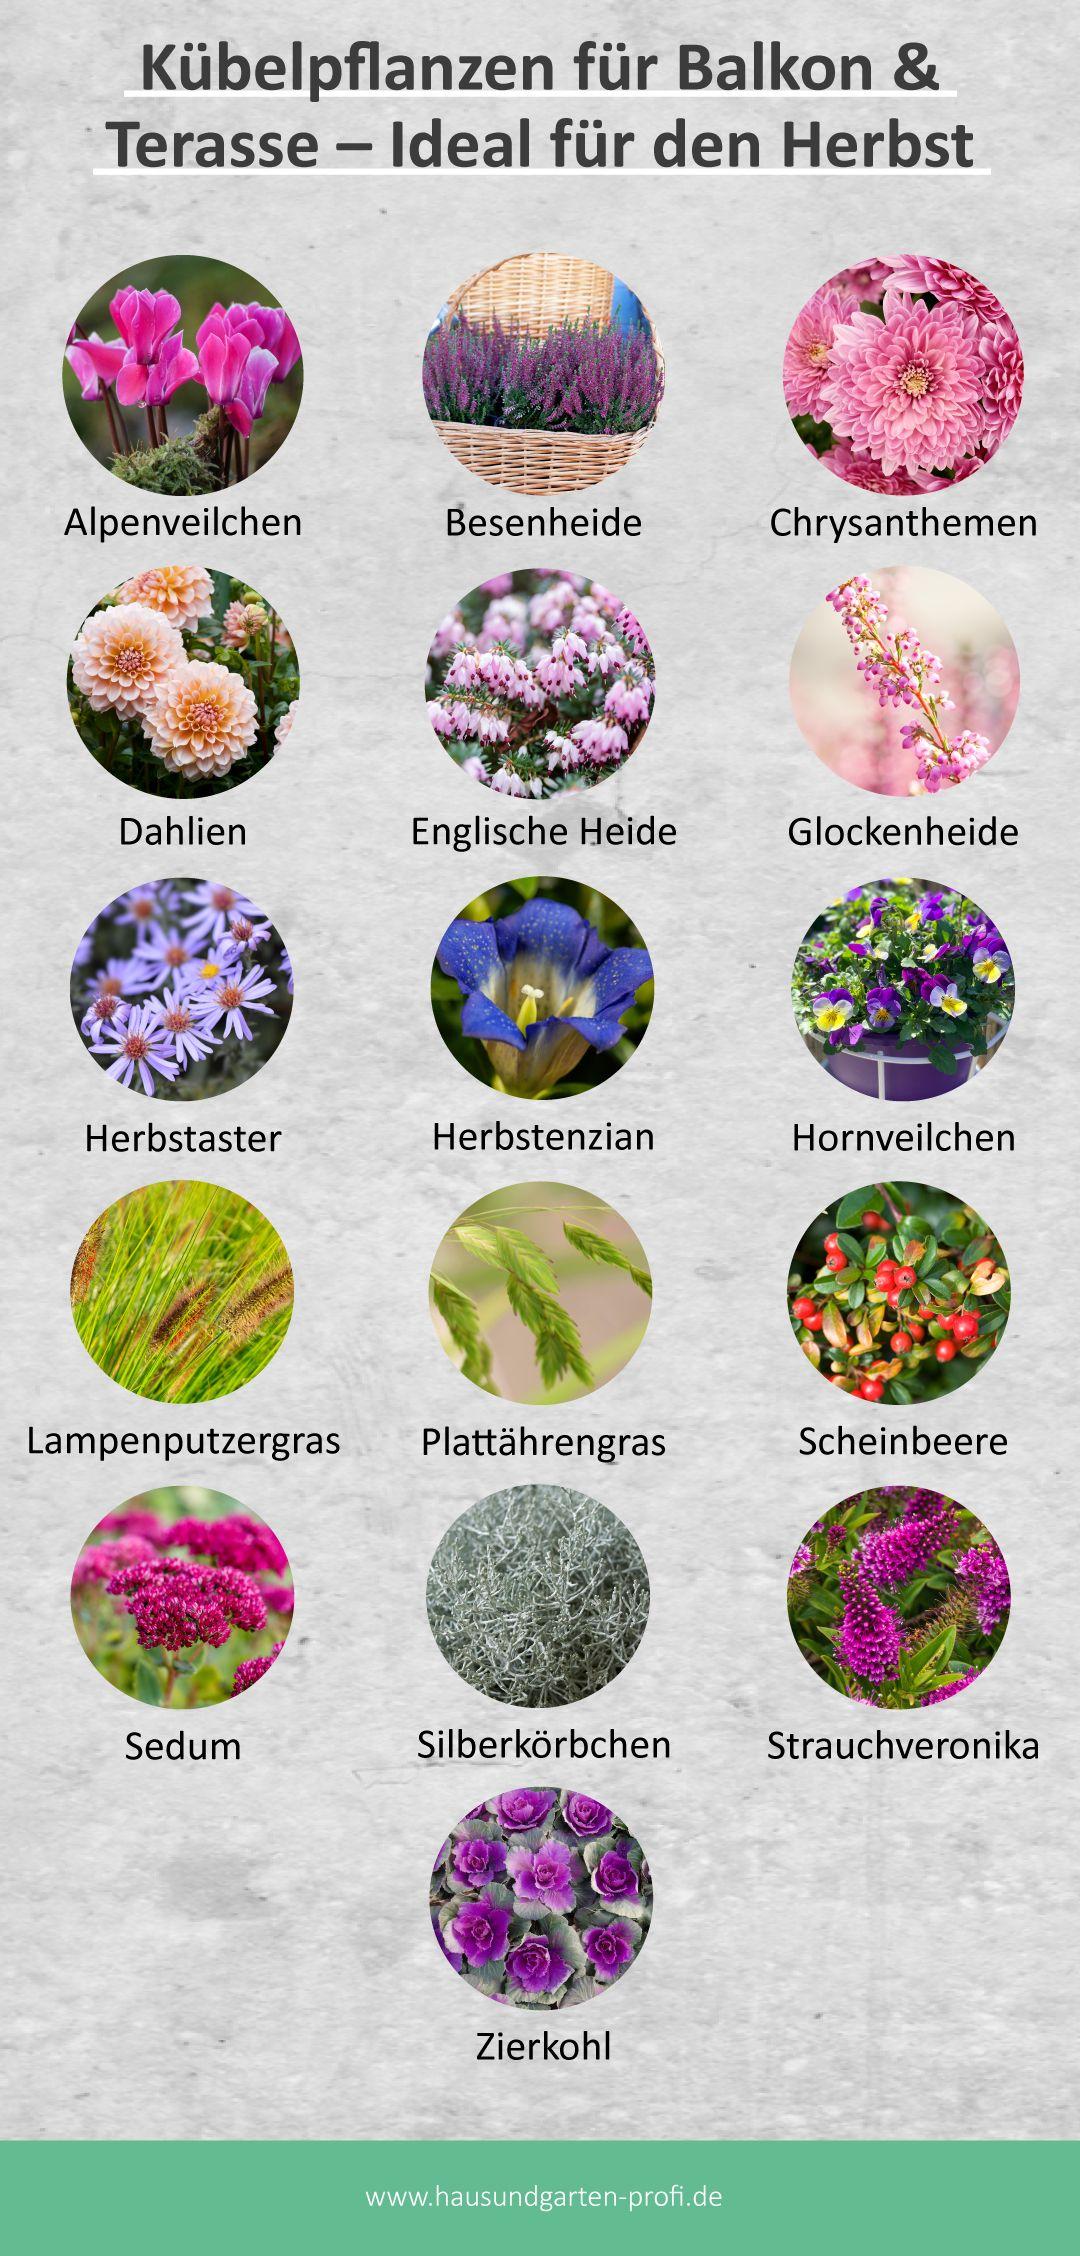 Herbstzeit Die Richtigen Kubelpflanzen Fur Den Balkon Im Herbst In 2020 Kubelpflanzen Pflanzen Garten Pflanzen